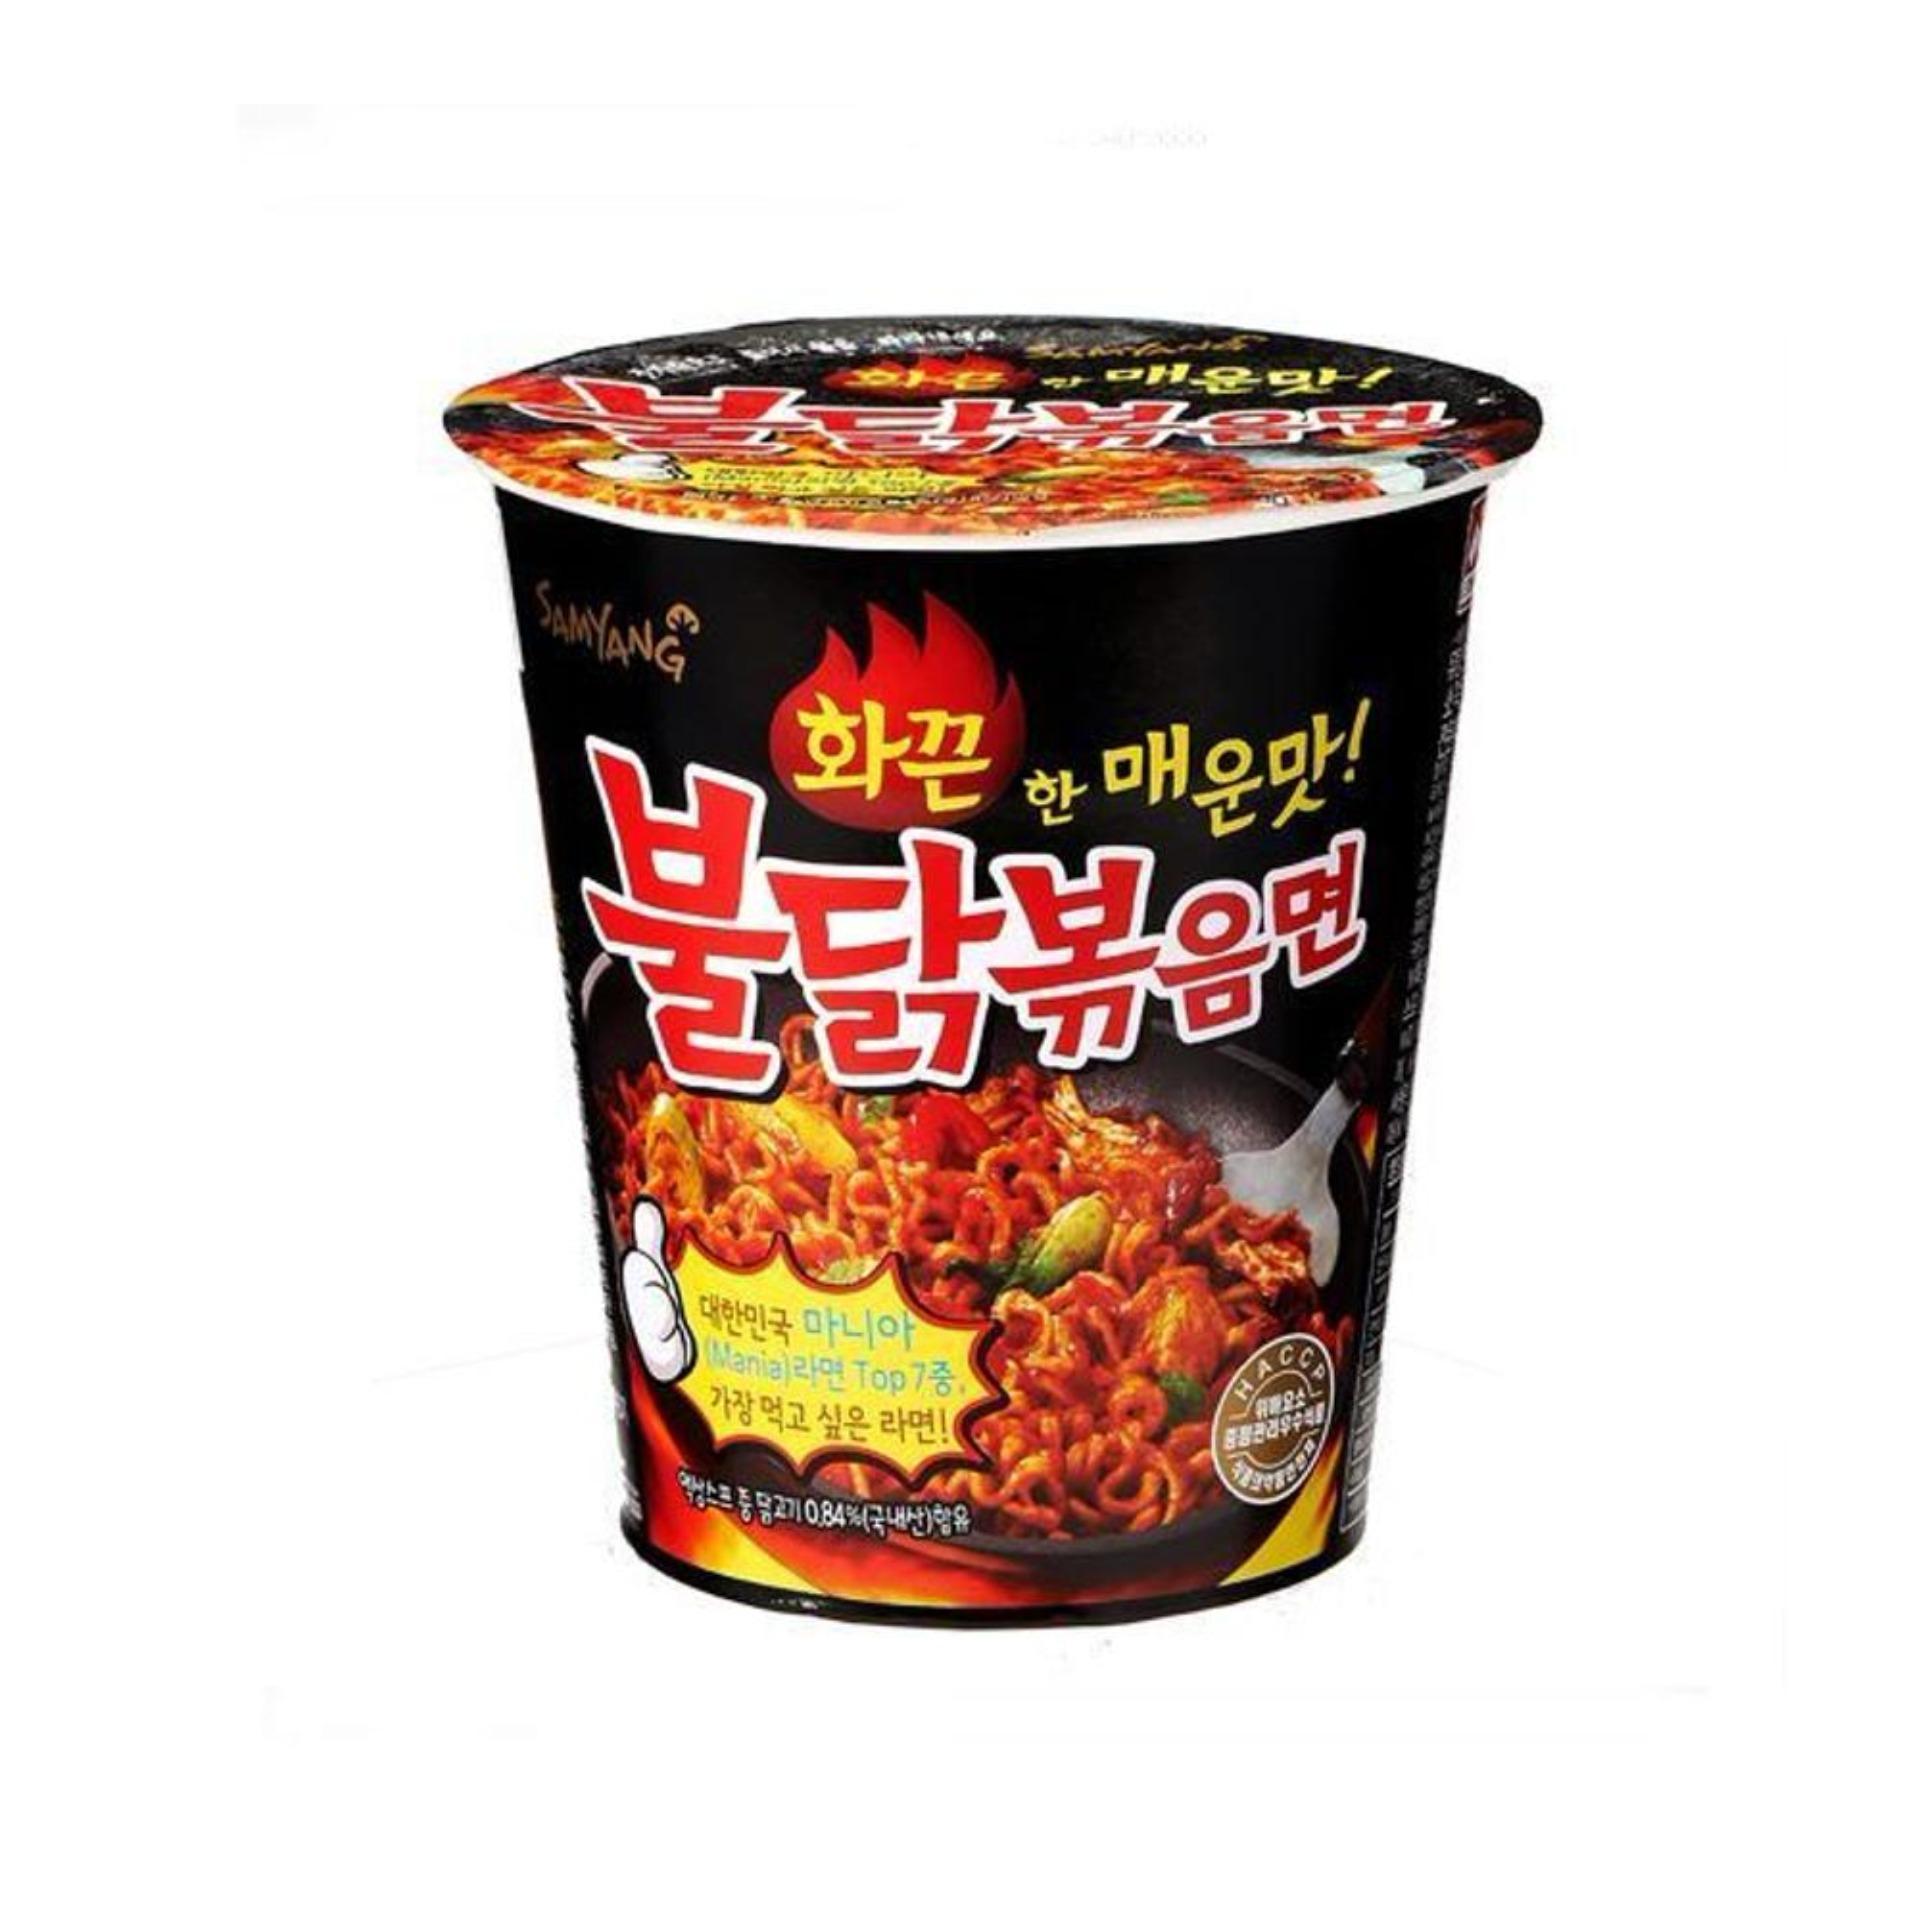 [BUY 1 GET 1 FREE] Samyang Cup - 2